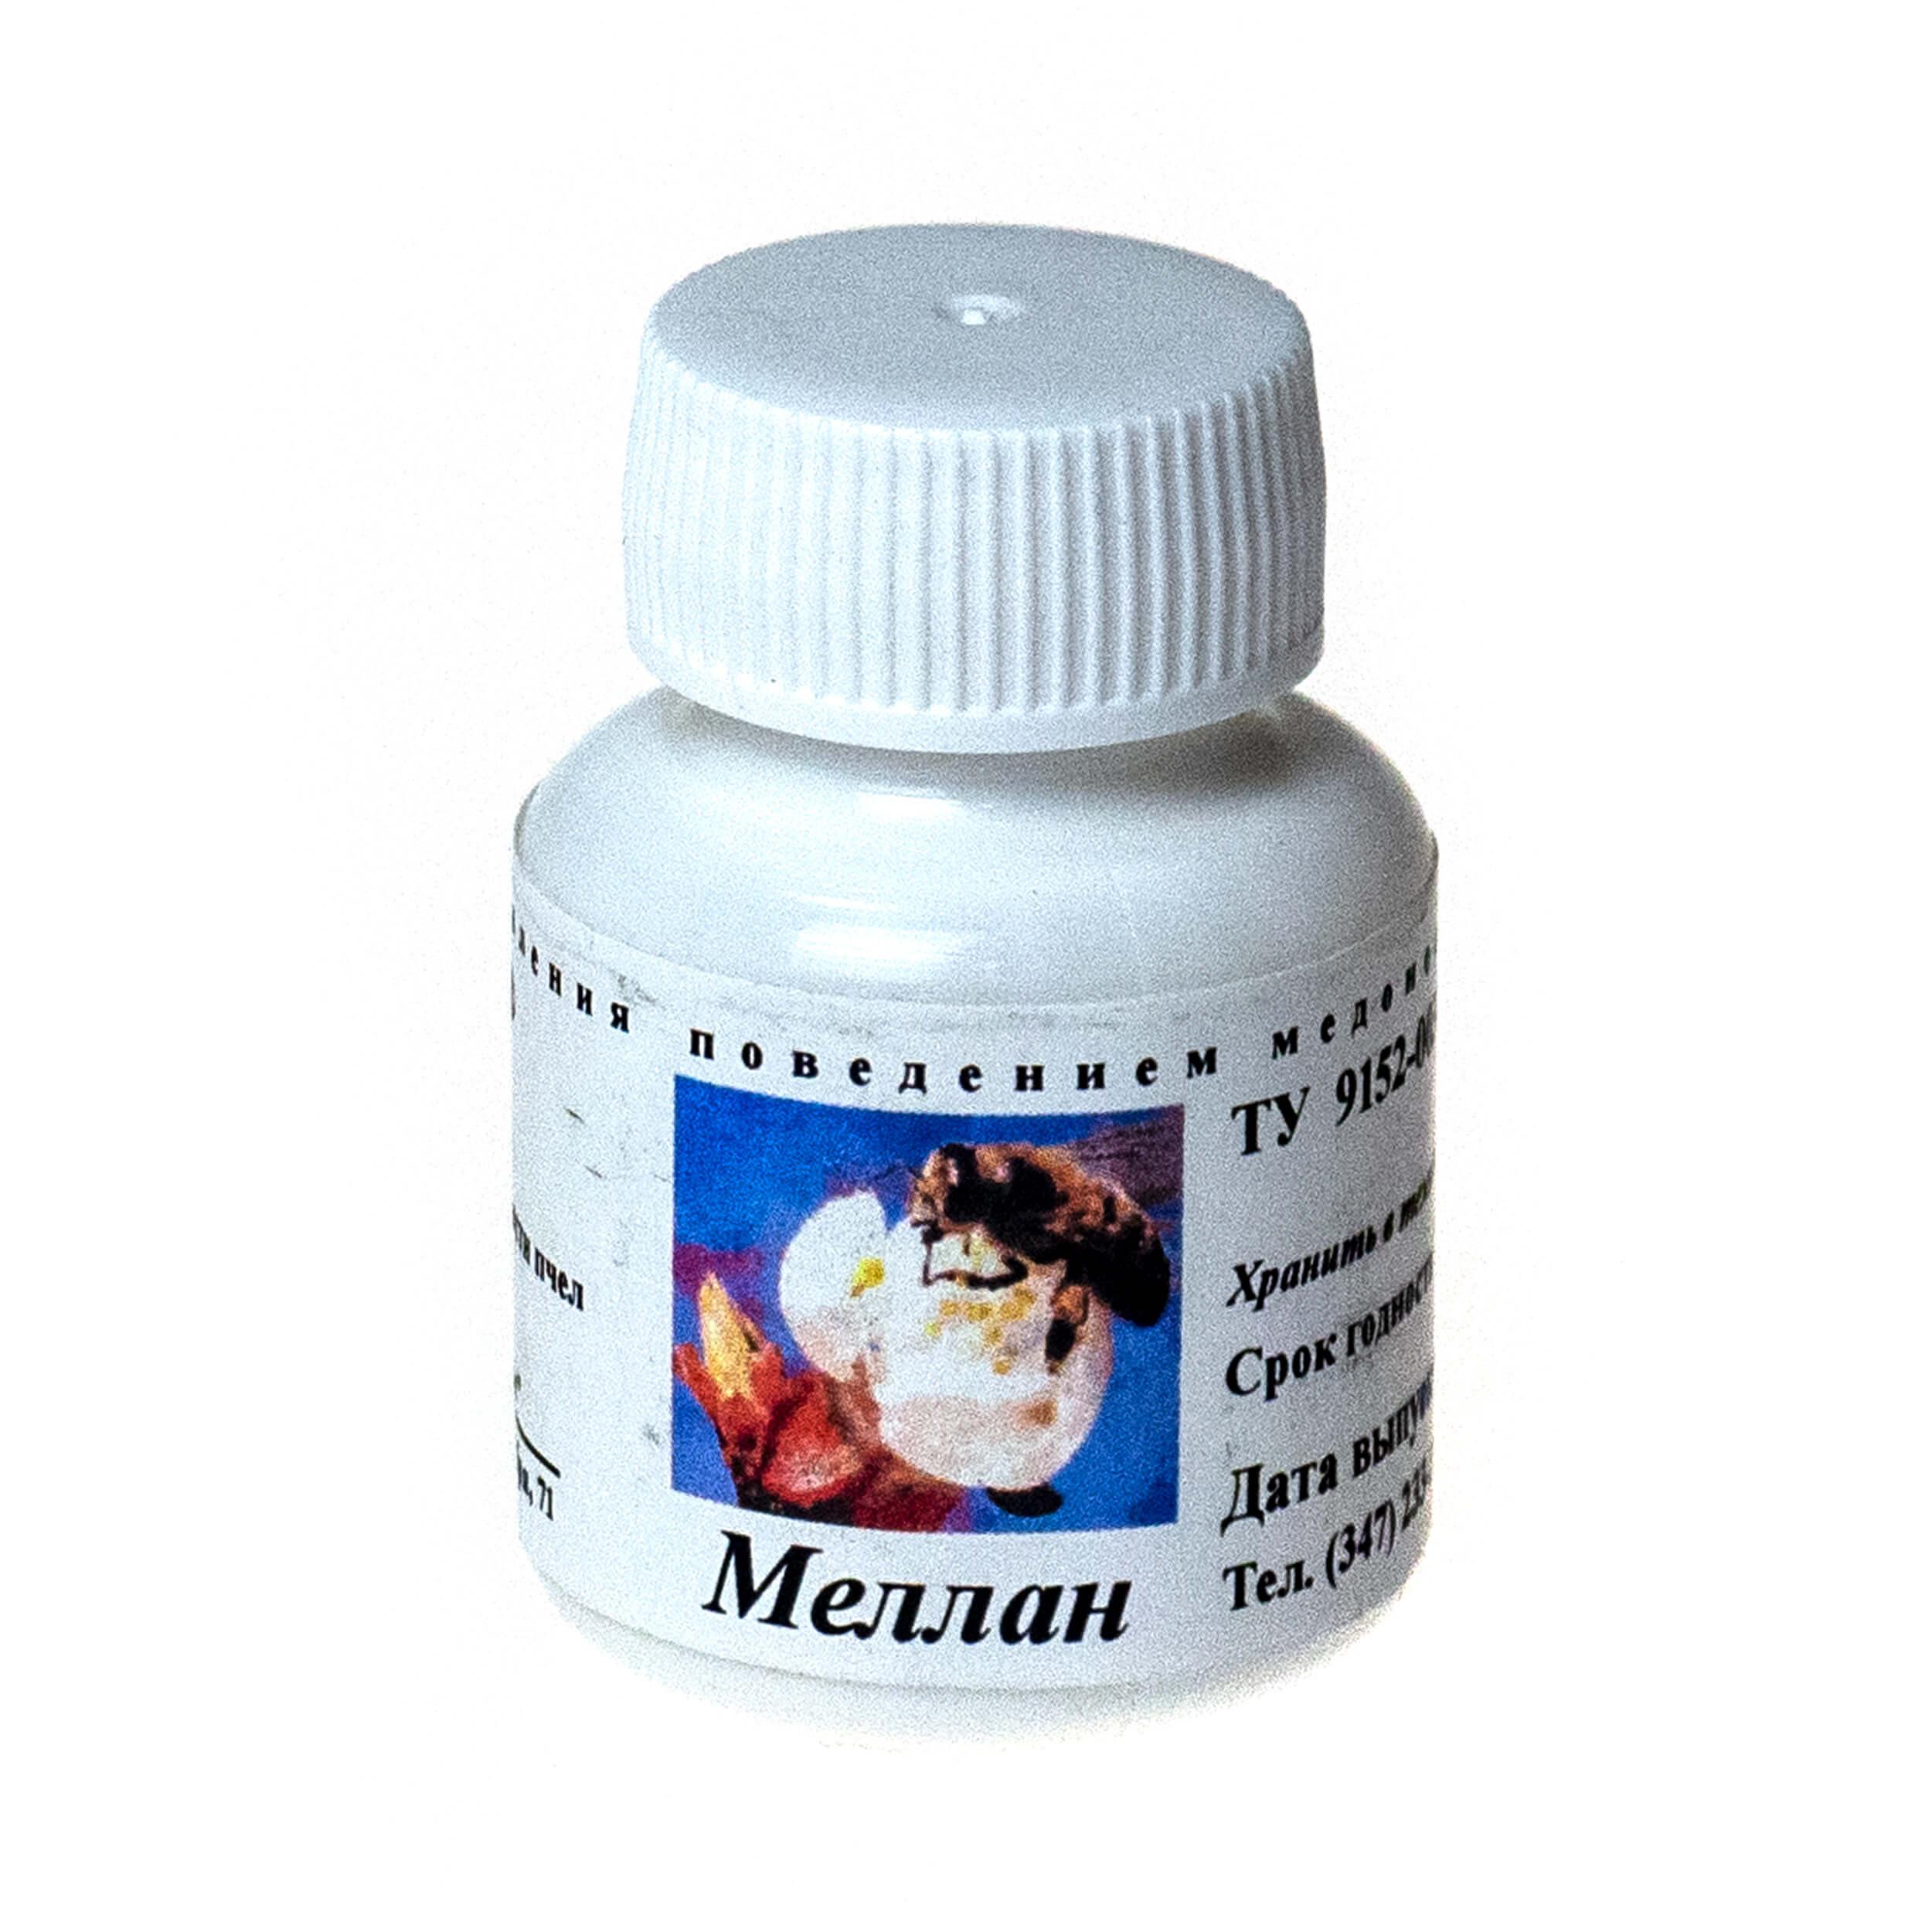 Меллан (Флакон, 40 гр) фото